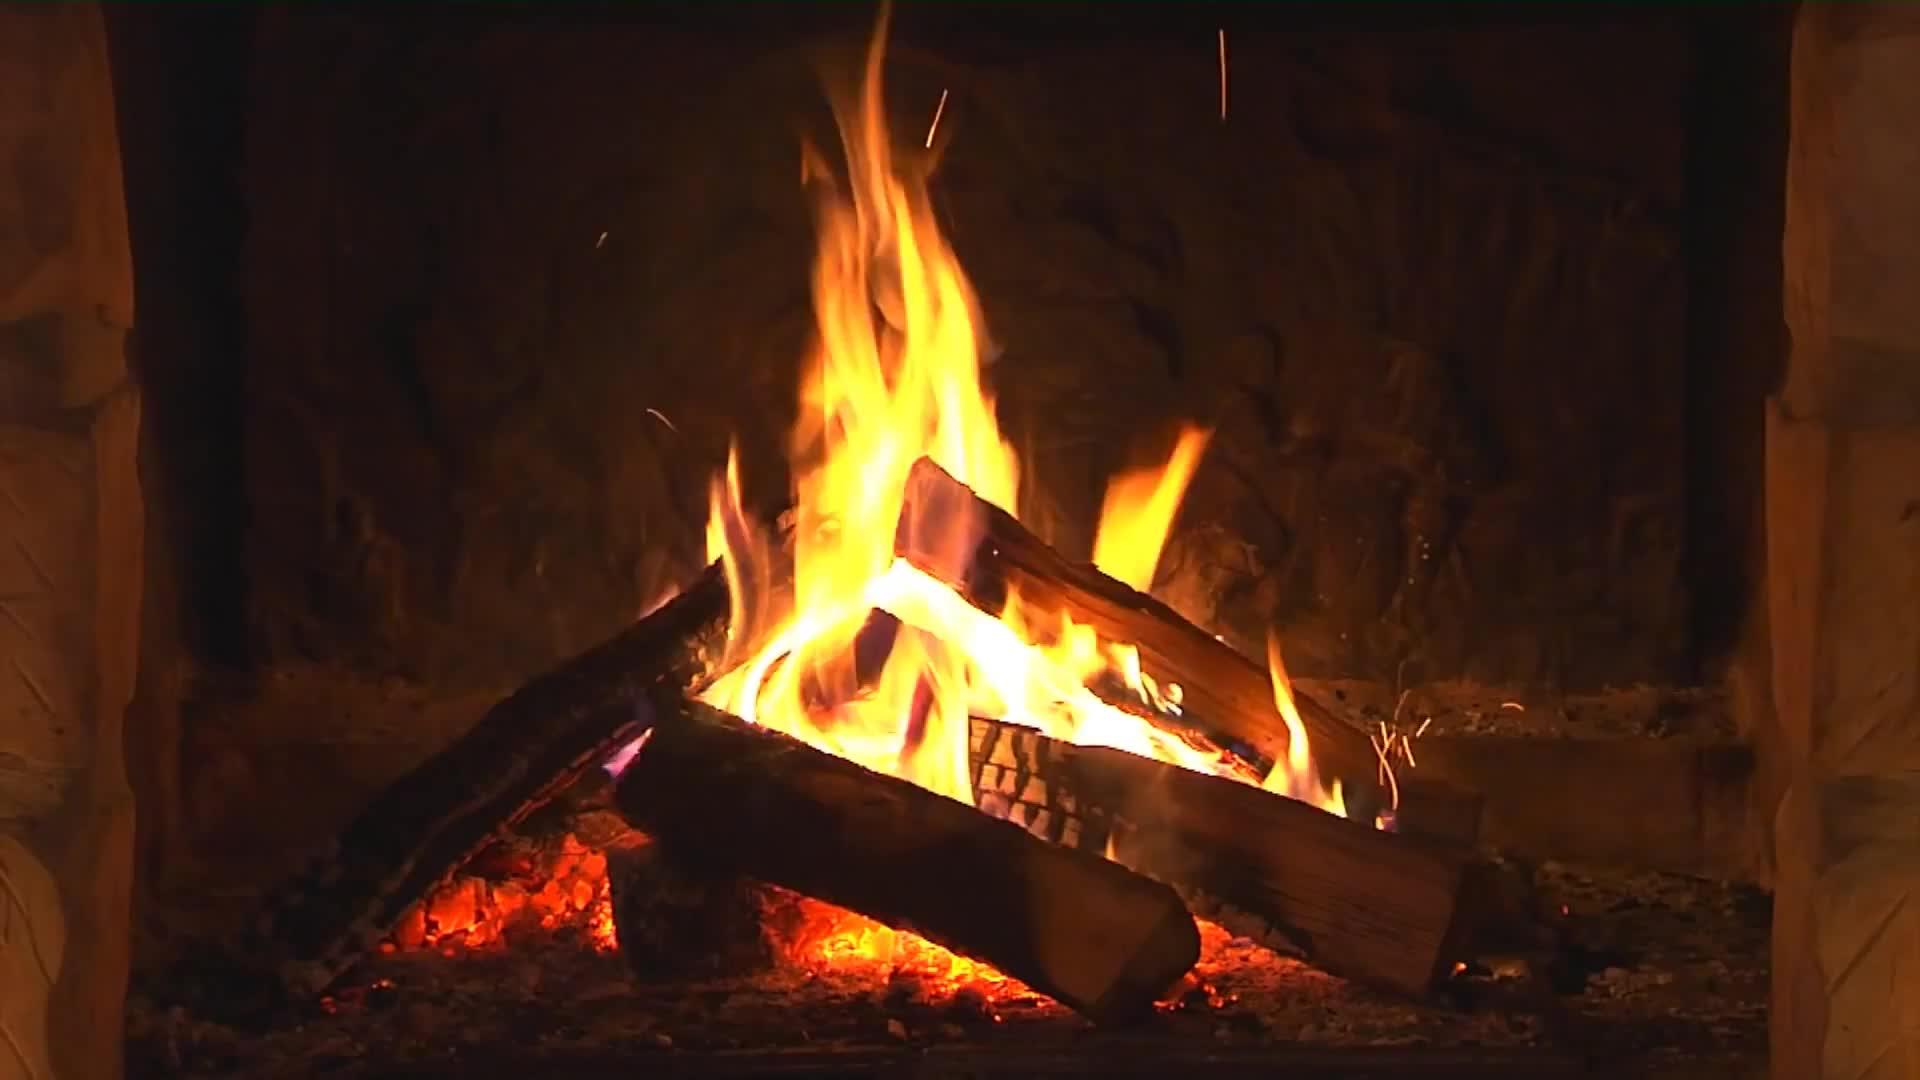 Пламя огня в камине - живые обои